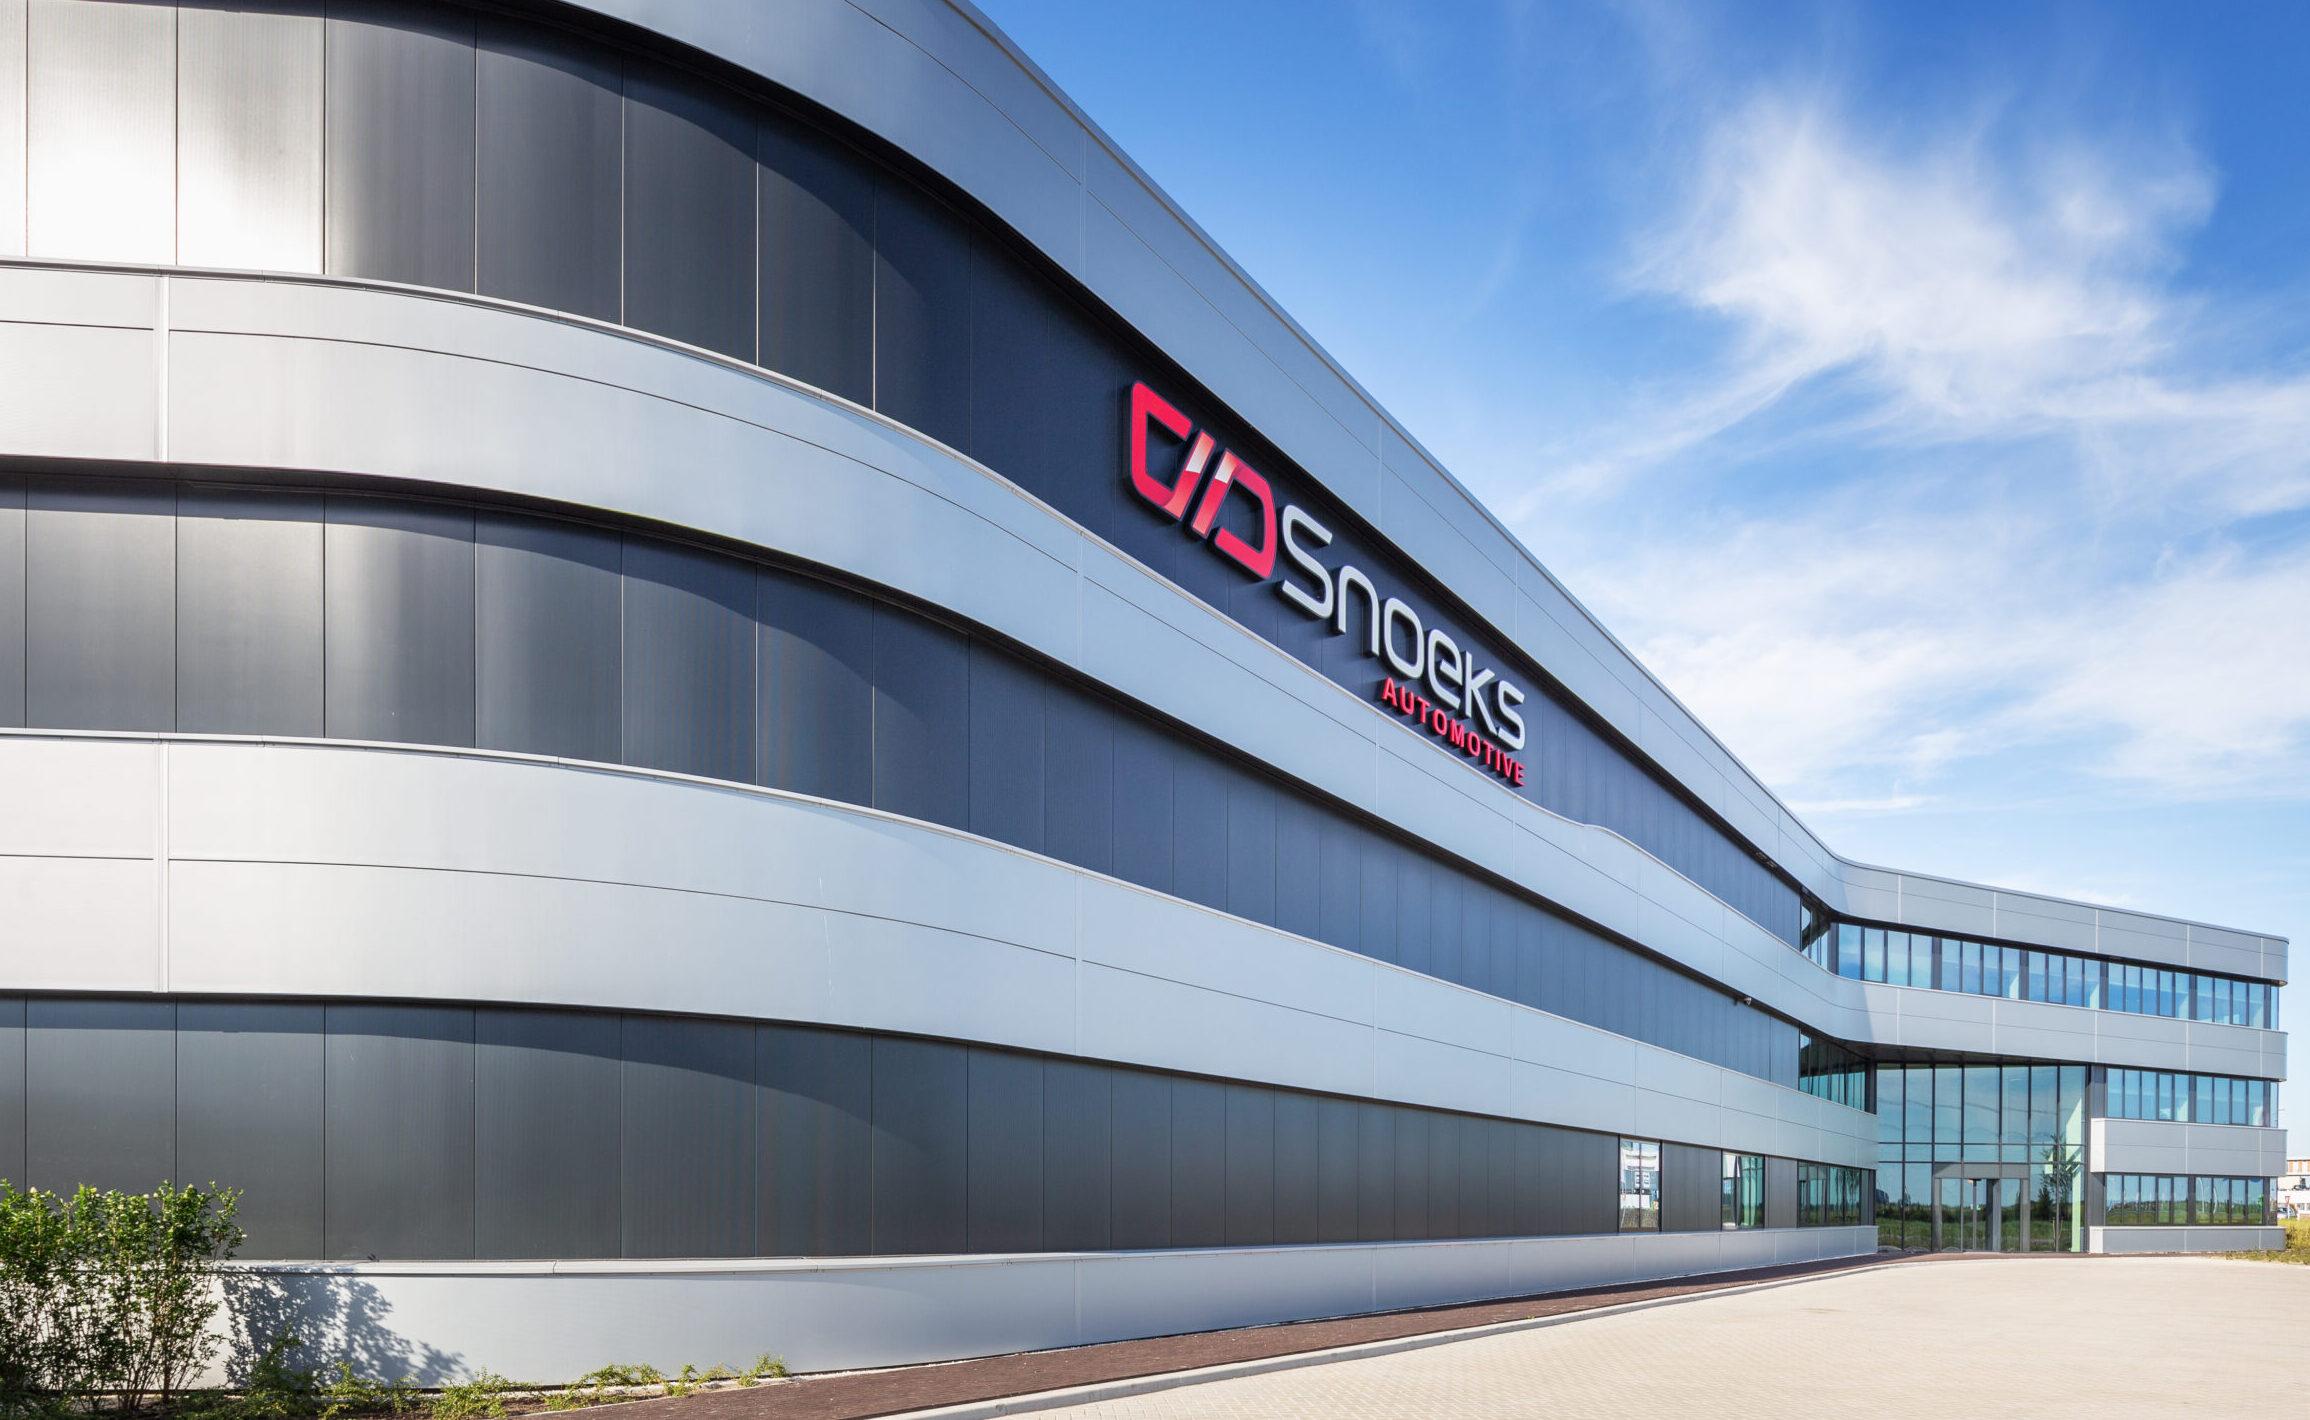 Snoeks emménage dans son nouveau siège social et centre d'innovation